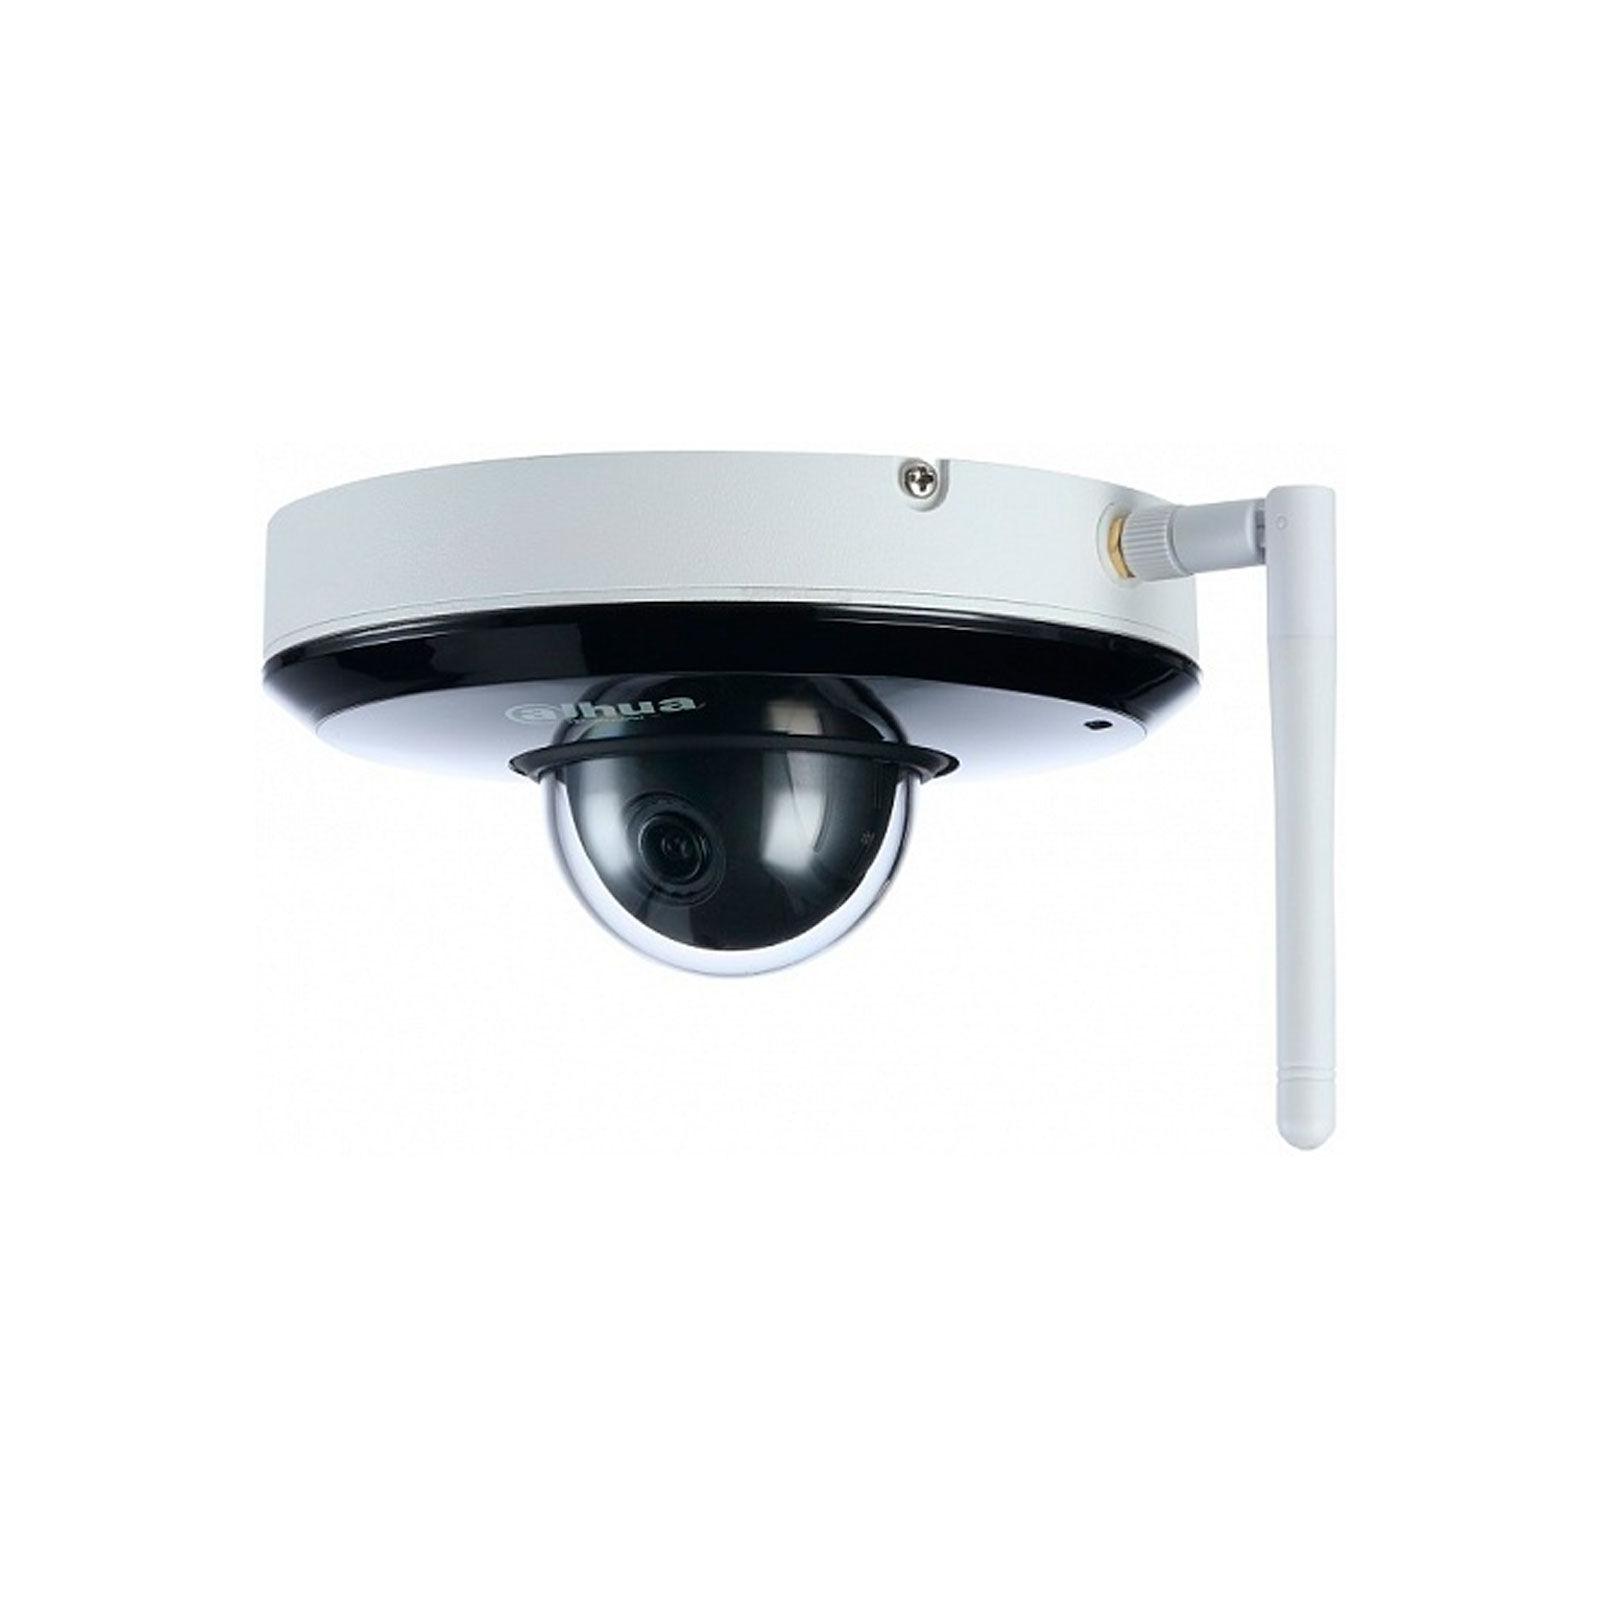 Камера видеонаблюдения Dahua DH-SD1A203T-GN-W (PTZ 3x)